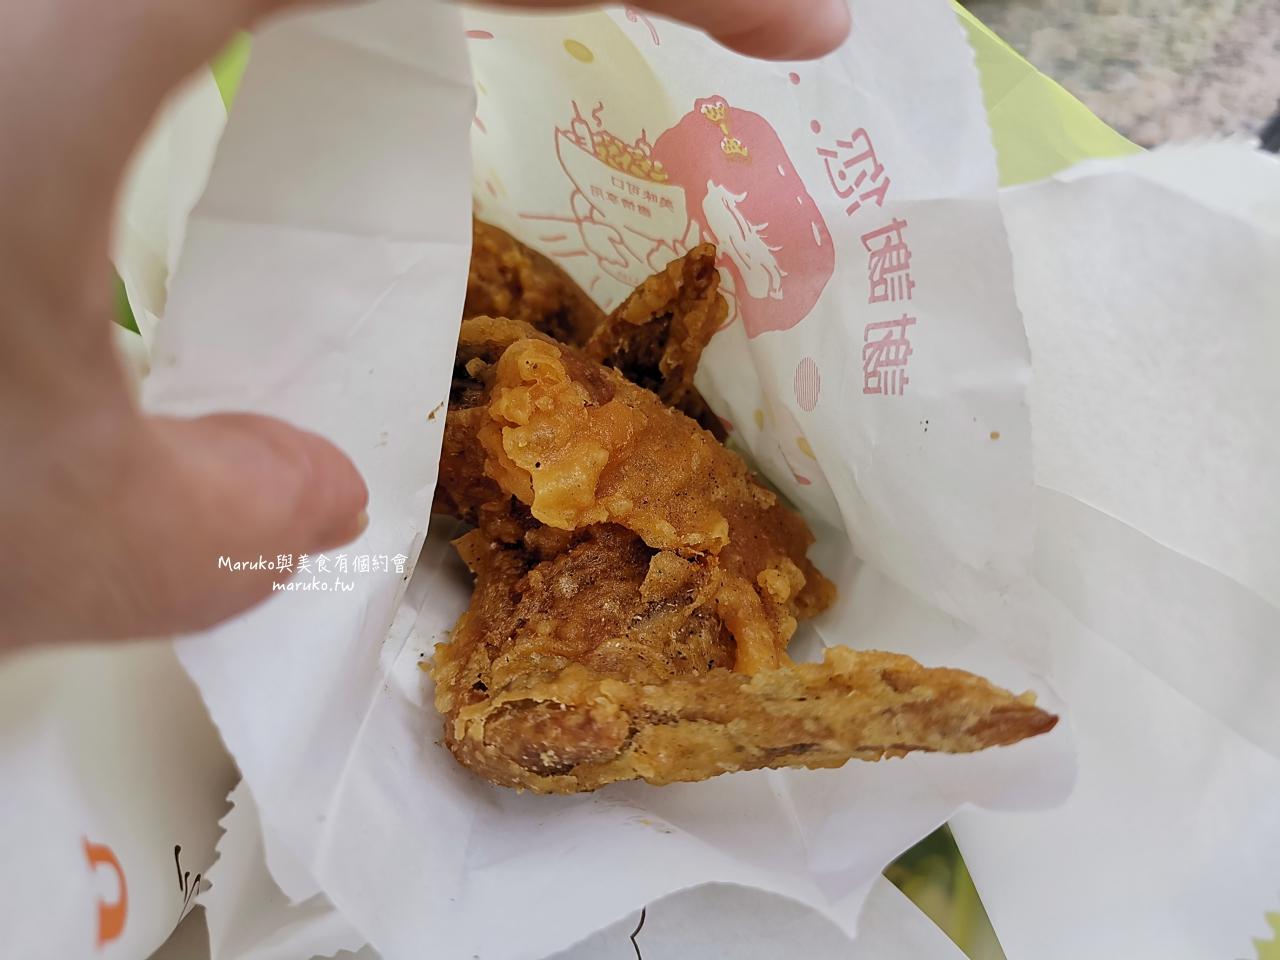 【台北】阿囉哈專業炸雞連鎖  錦州街超人氣炸雞只要10元起 甘梅地瓜條是招牌 捷運中山國中站 @Maruko與美食有個約會